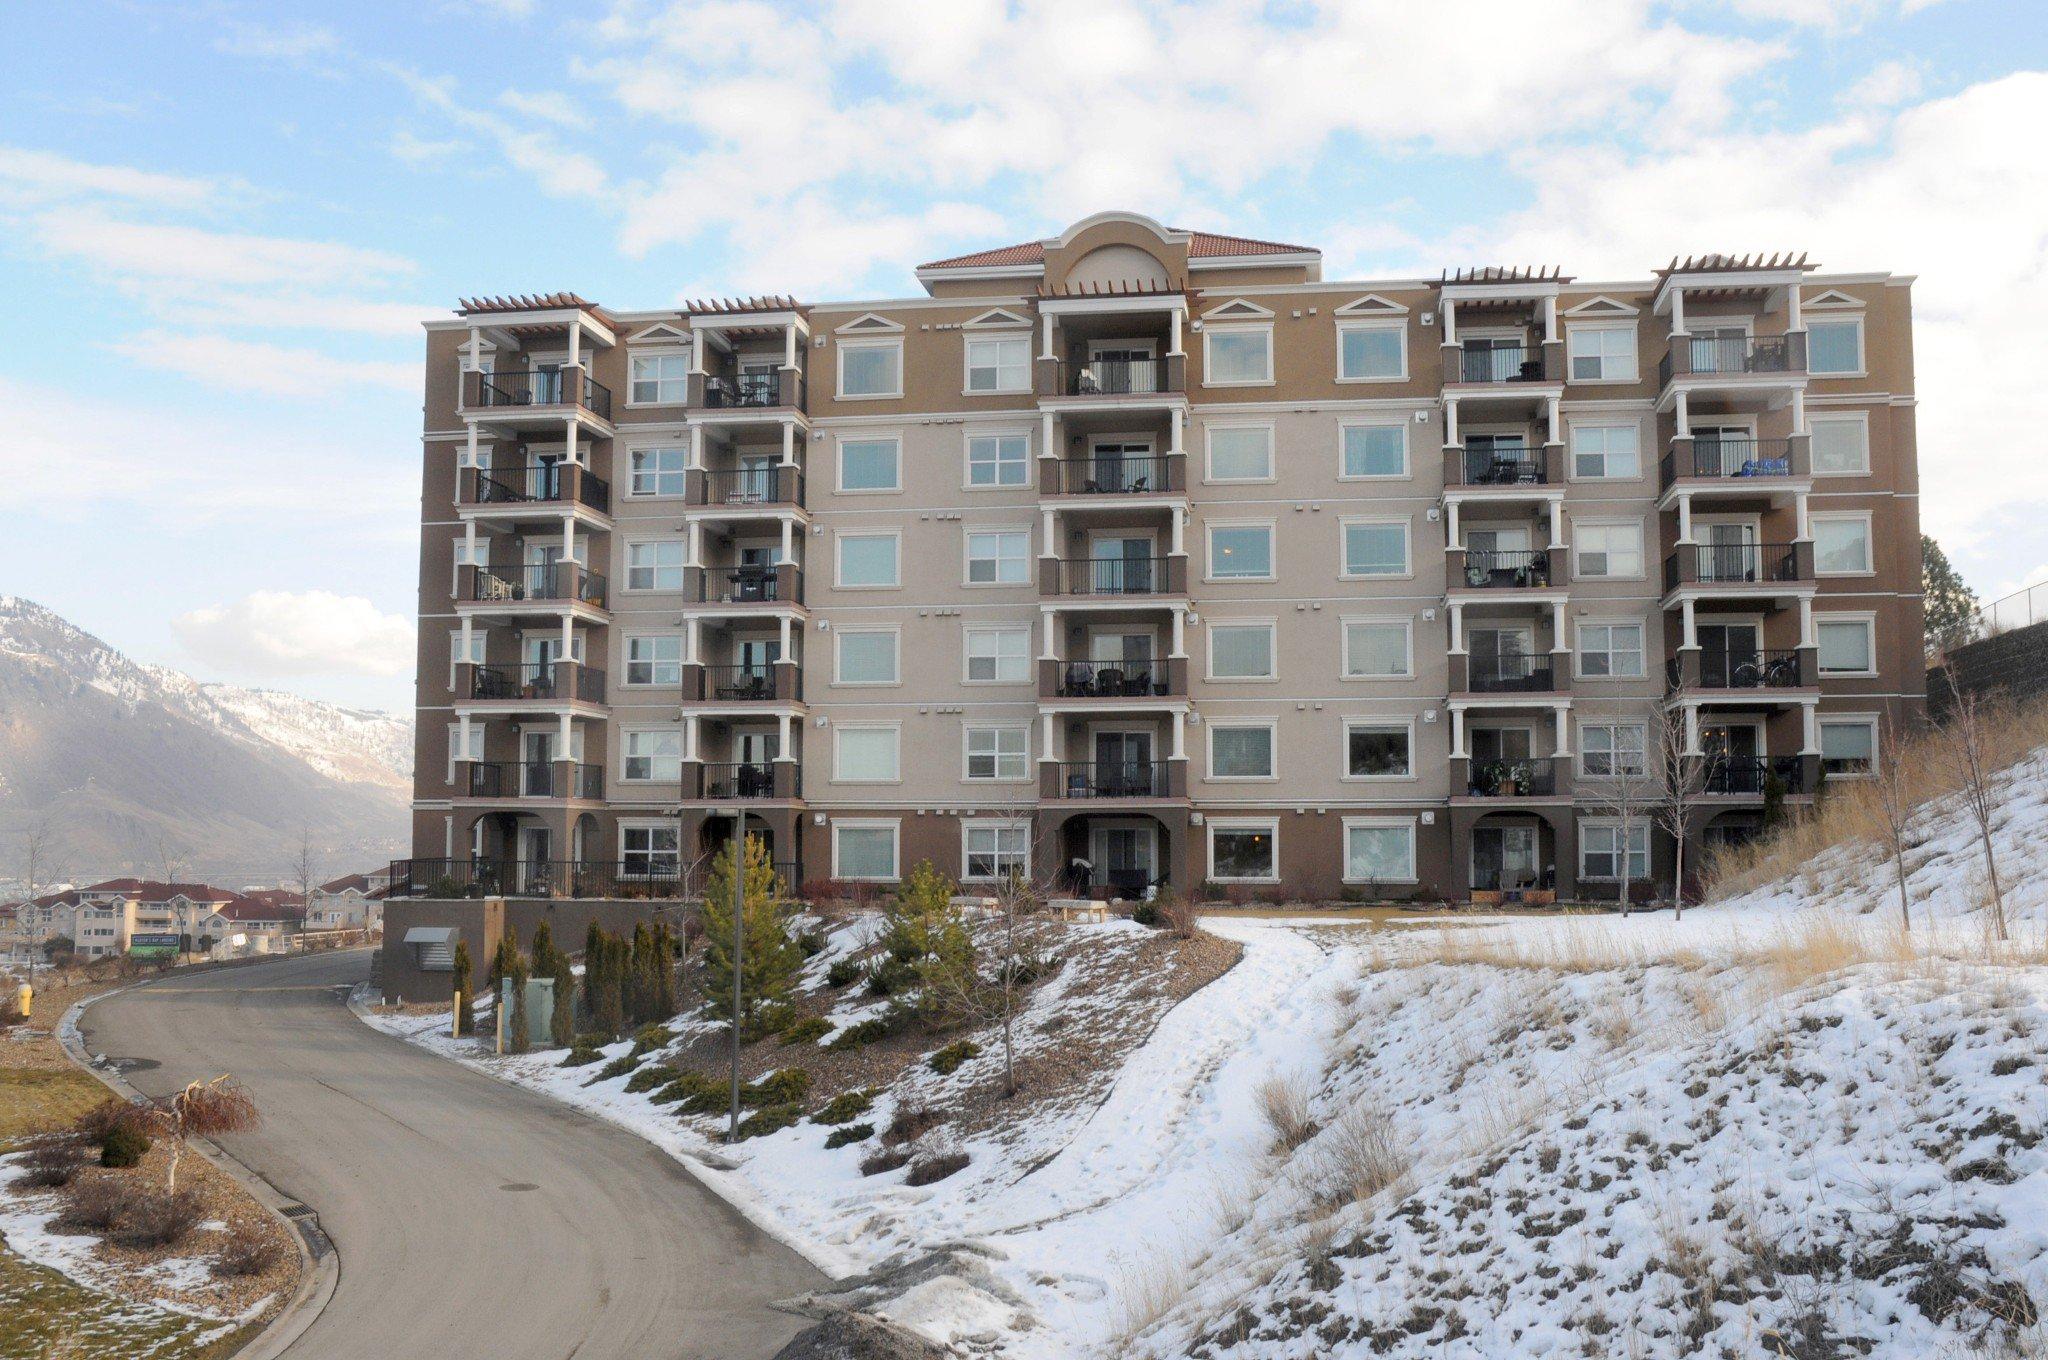 Main Photo: 201 975 Victoria West in Kamloops: South Kamloops Multifamily for sale : MLS®# 144382